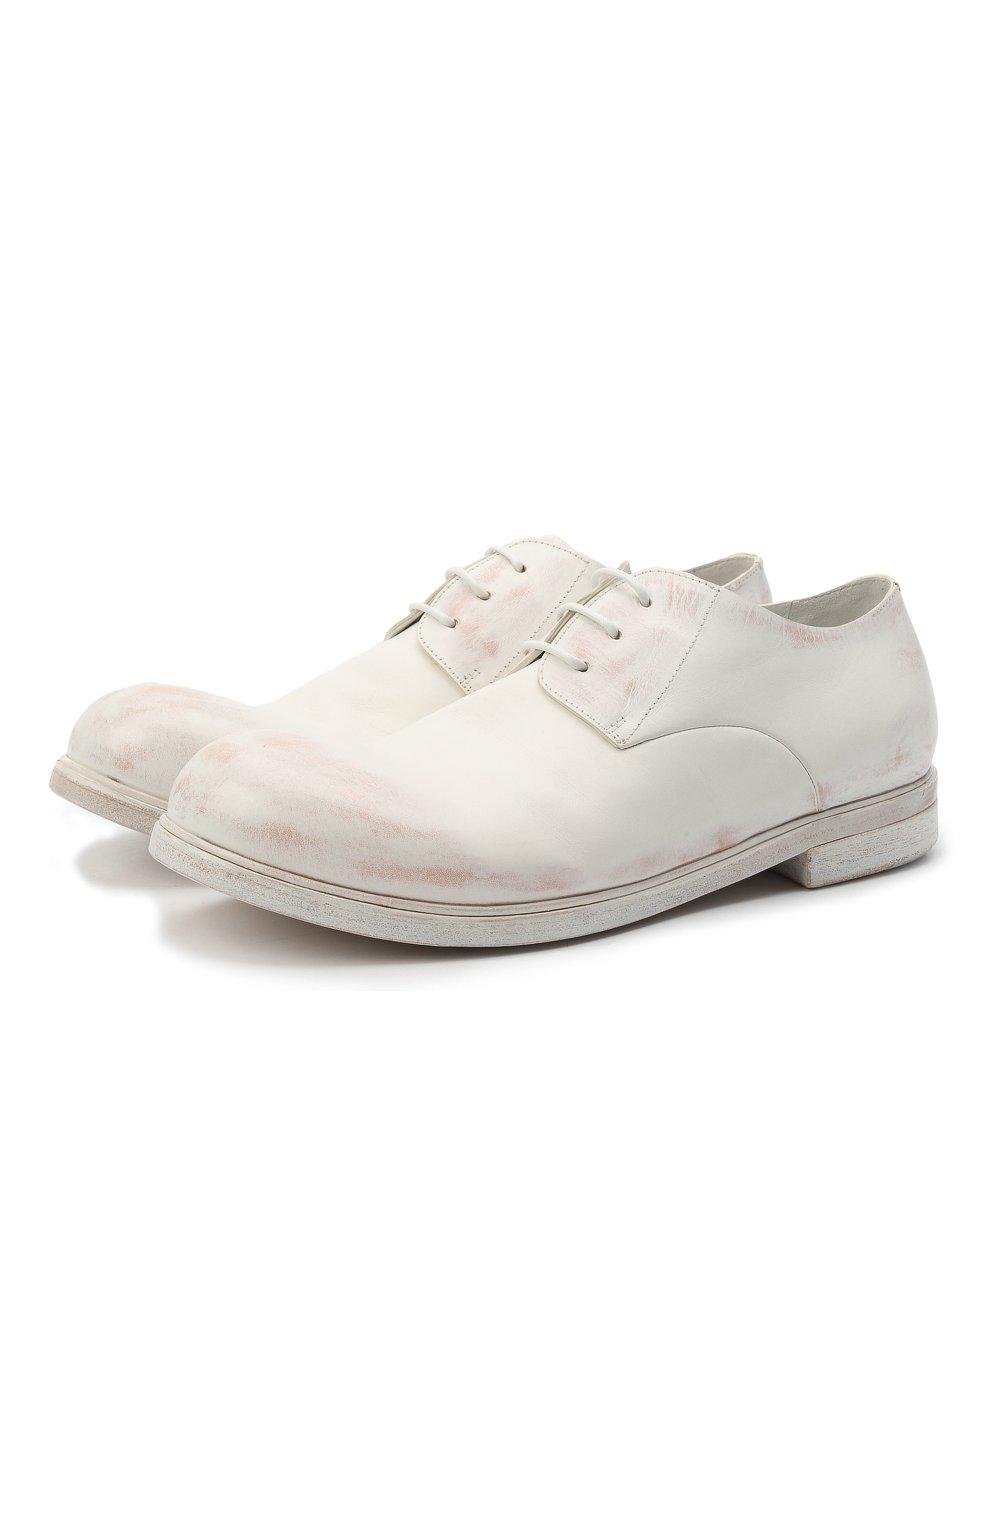 Мужские кожаные дерби MARSELL белого цвета, арт. MM2443/PELLE CERATA | Фото 1 (Материал внутренний: Натуральная кожа; Стили: Классический)